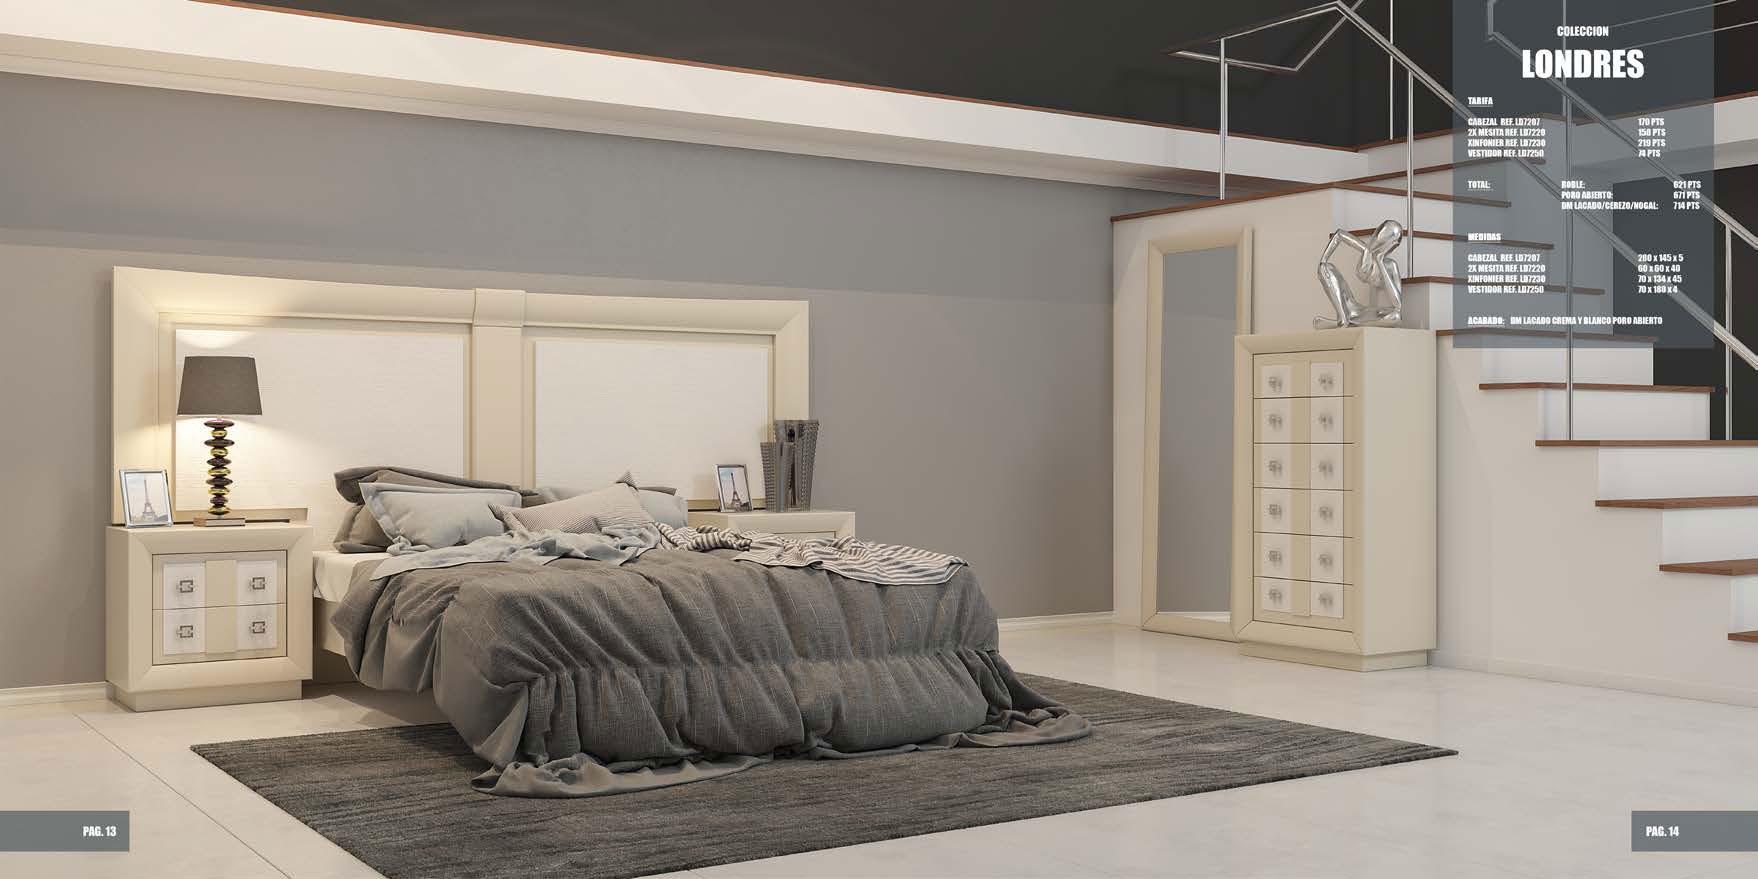 londres-dormitorio-04